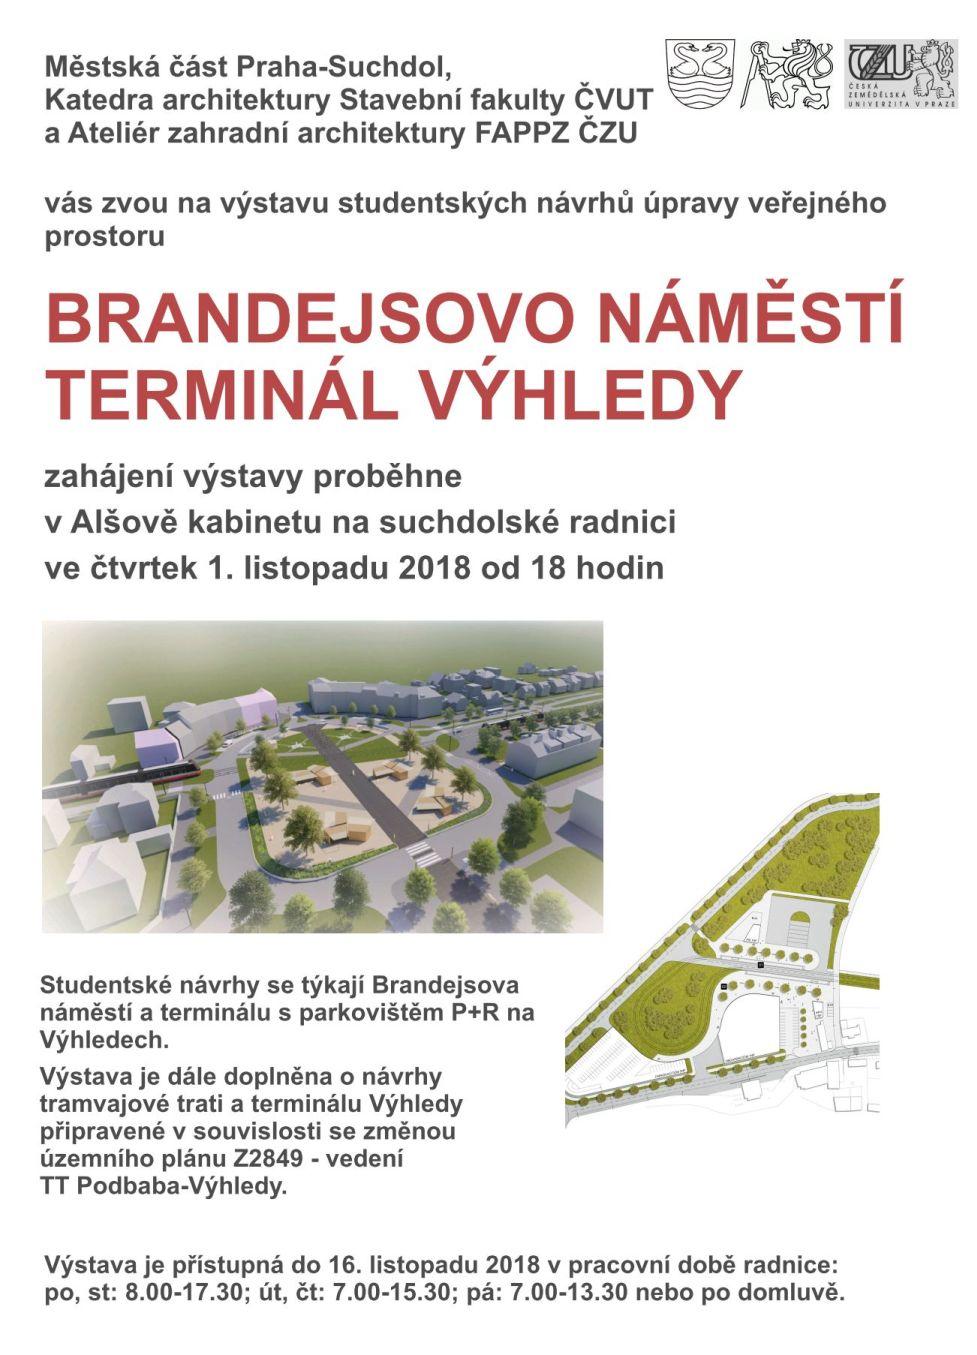 Výstava návrhů ČVUT a ČZU Brandejsovo náměstí 2018